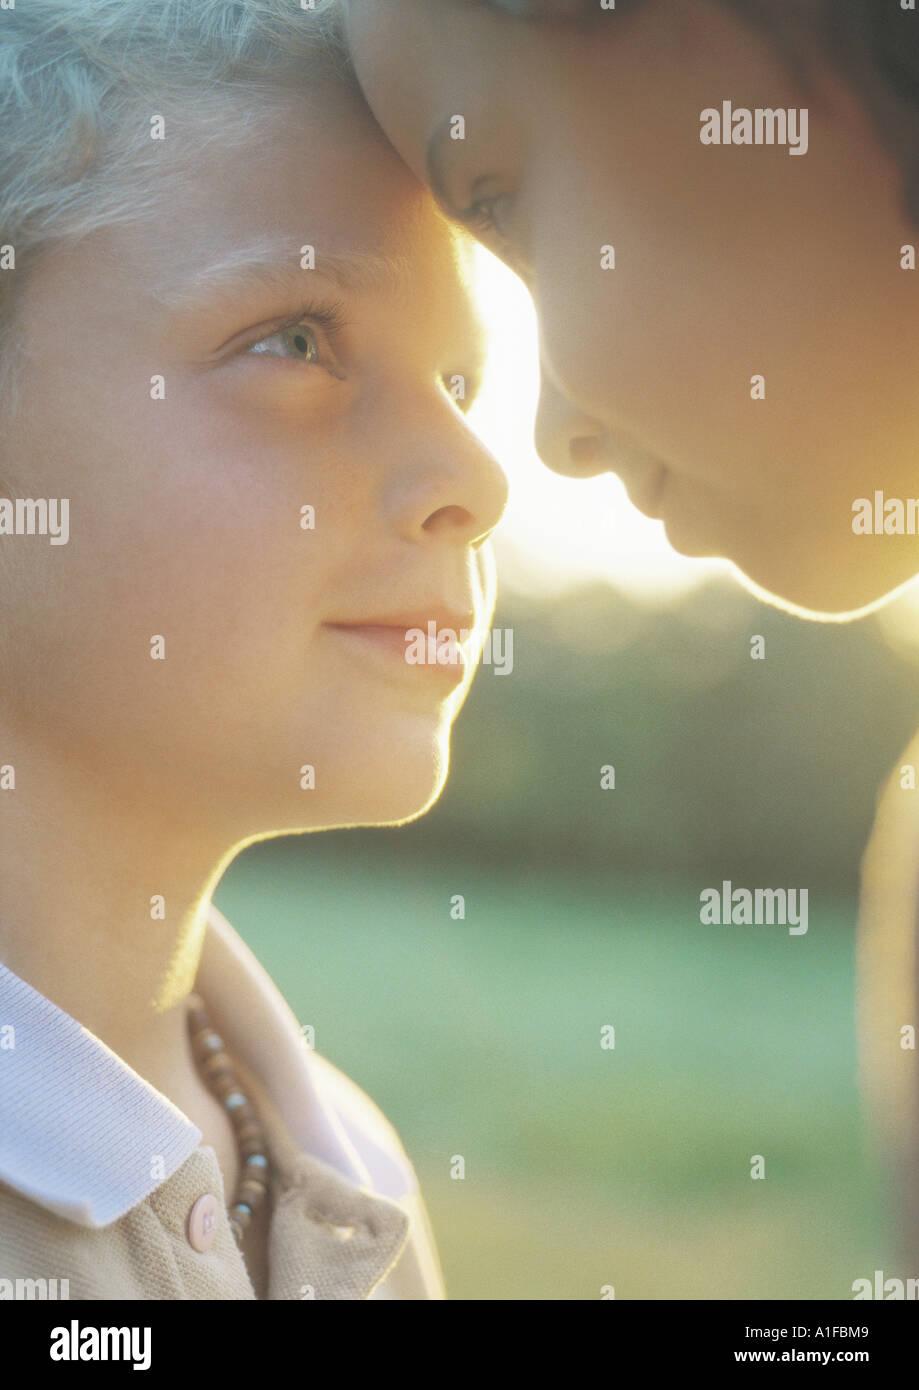 Garçon et fille avec front touchant Photo Stock